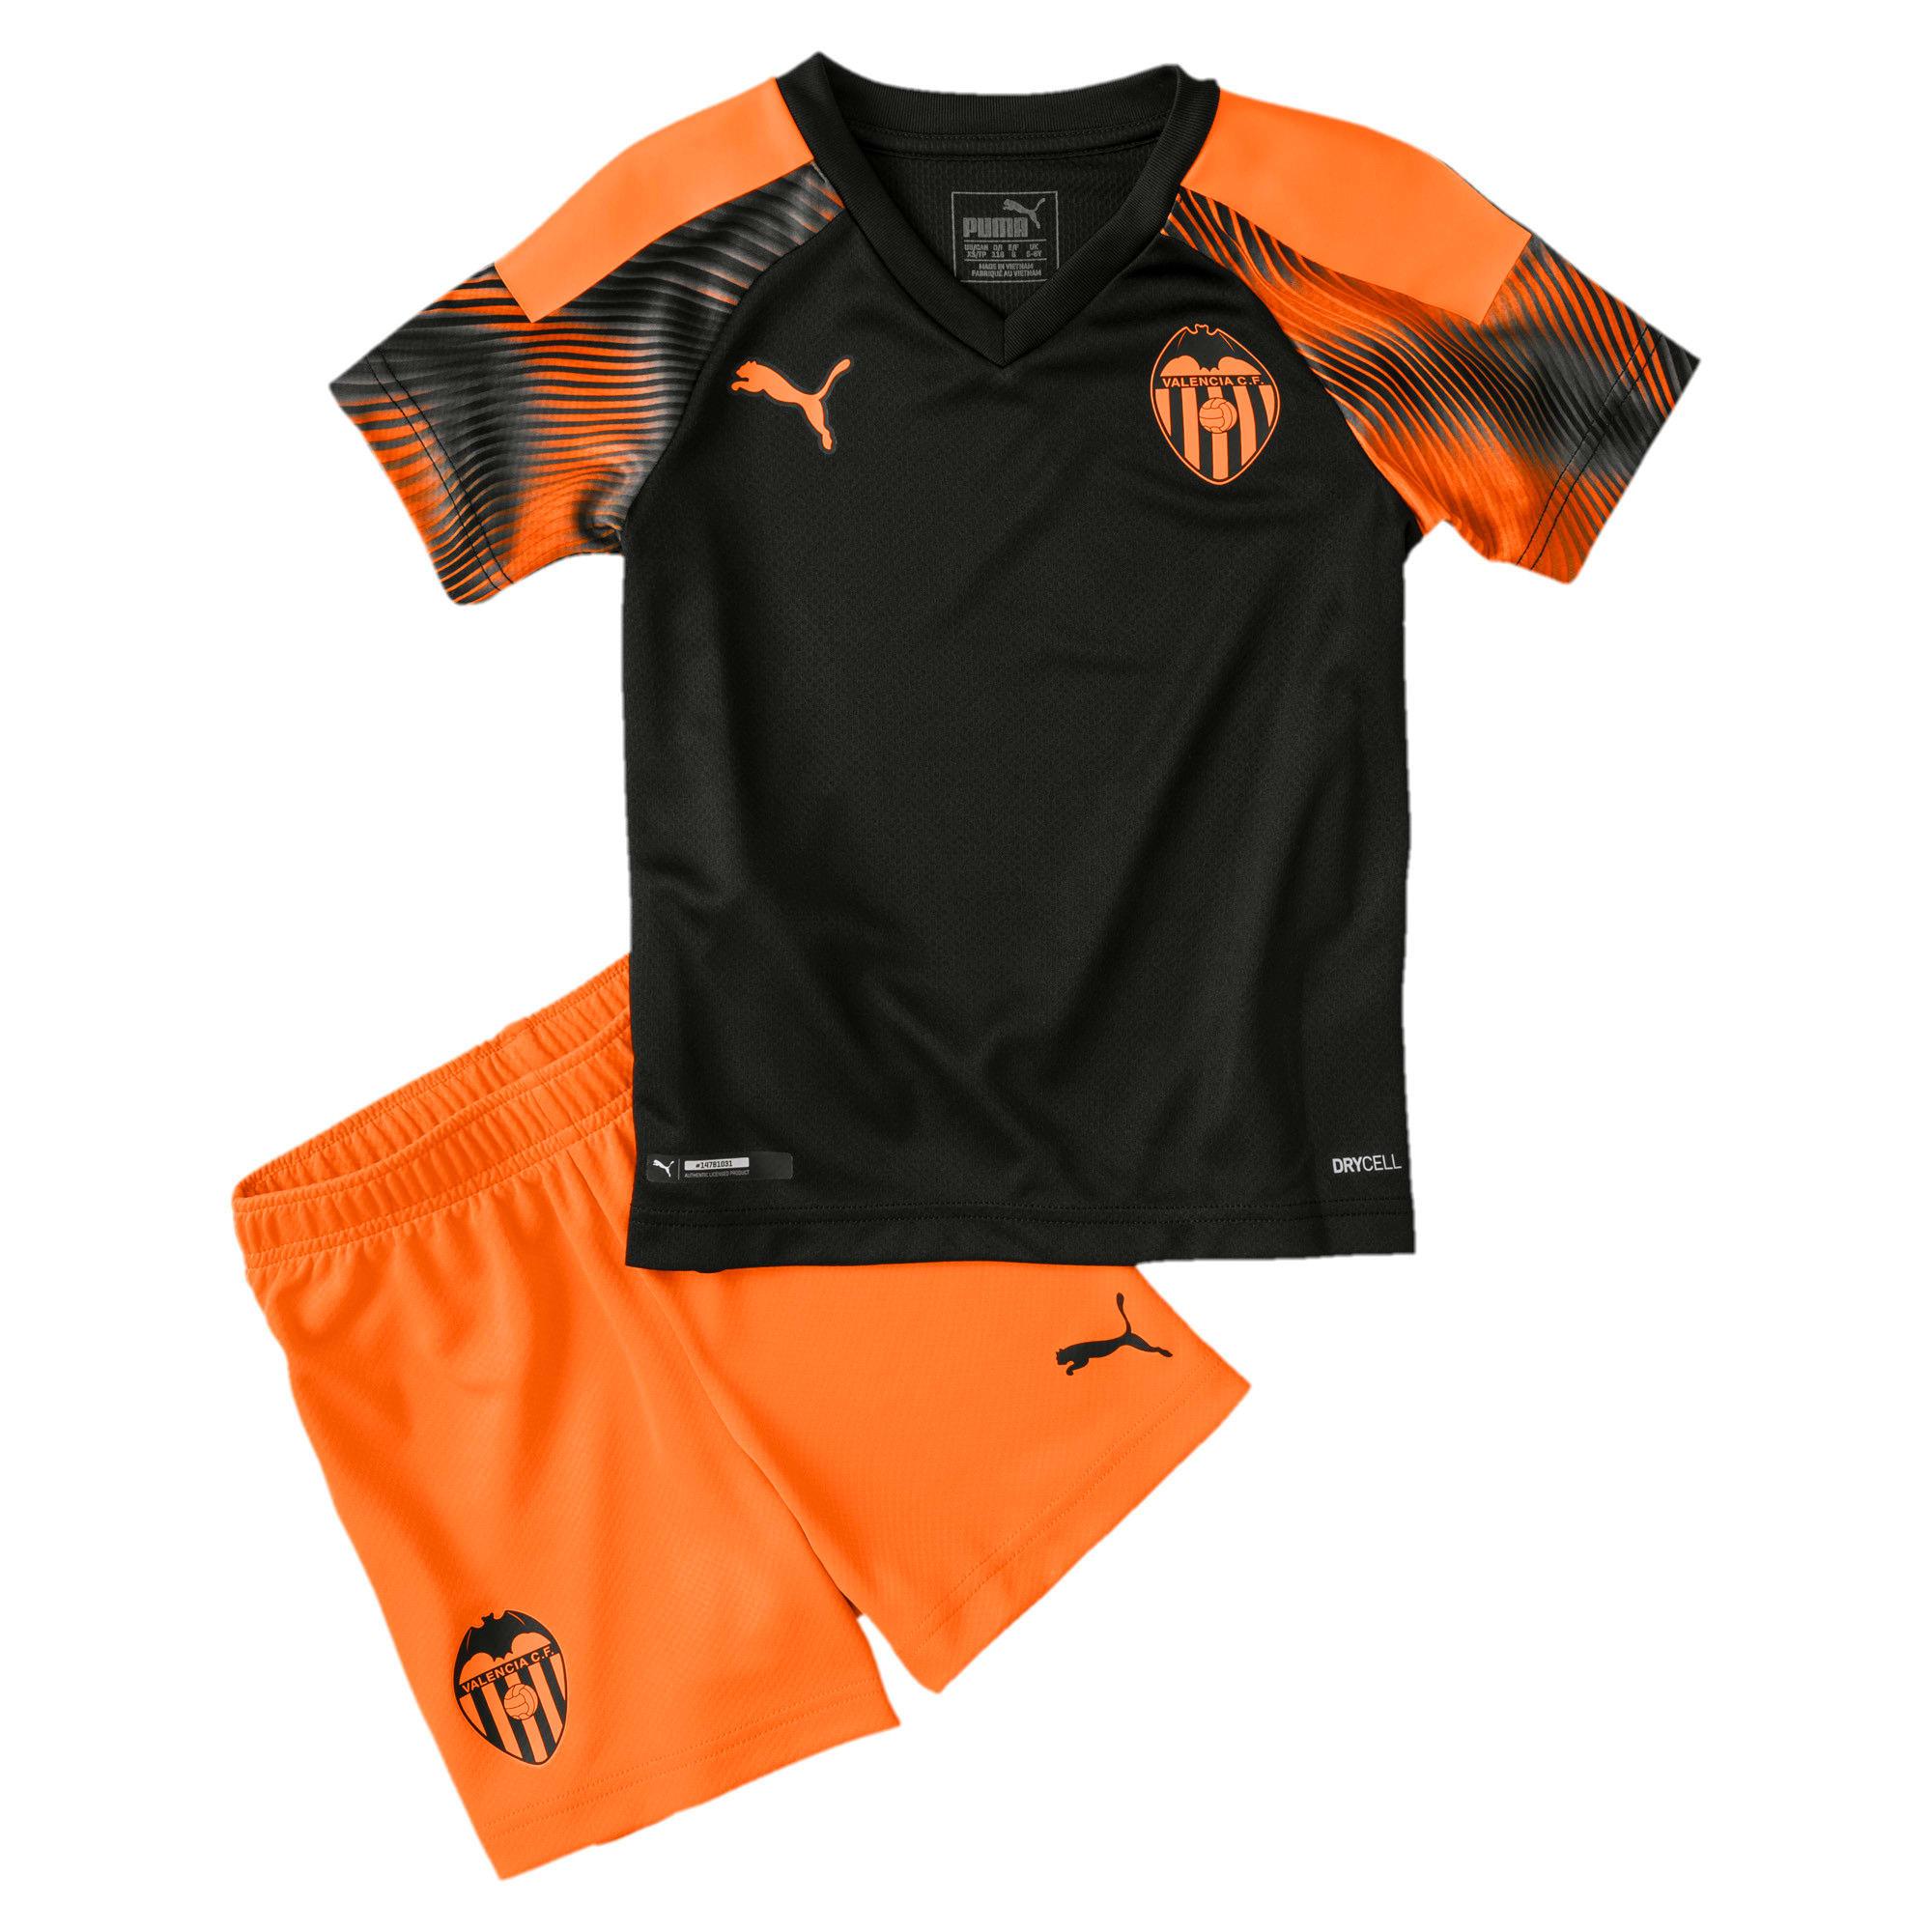 Thumbnail 1 of Valencia CF Away Kids' Mini Kit, Puma Black-Vibrant Orange, medium